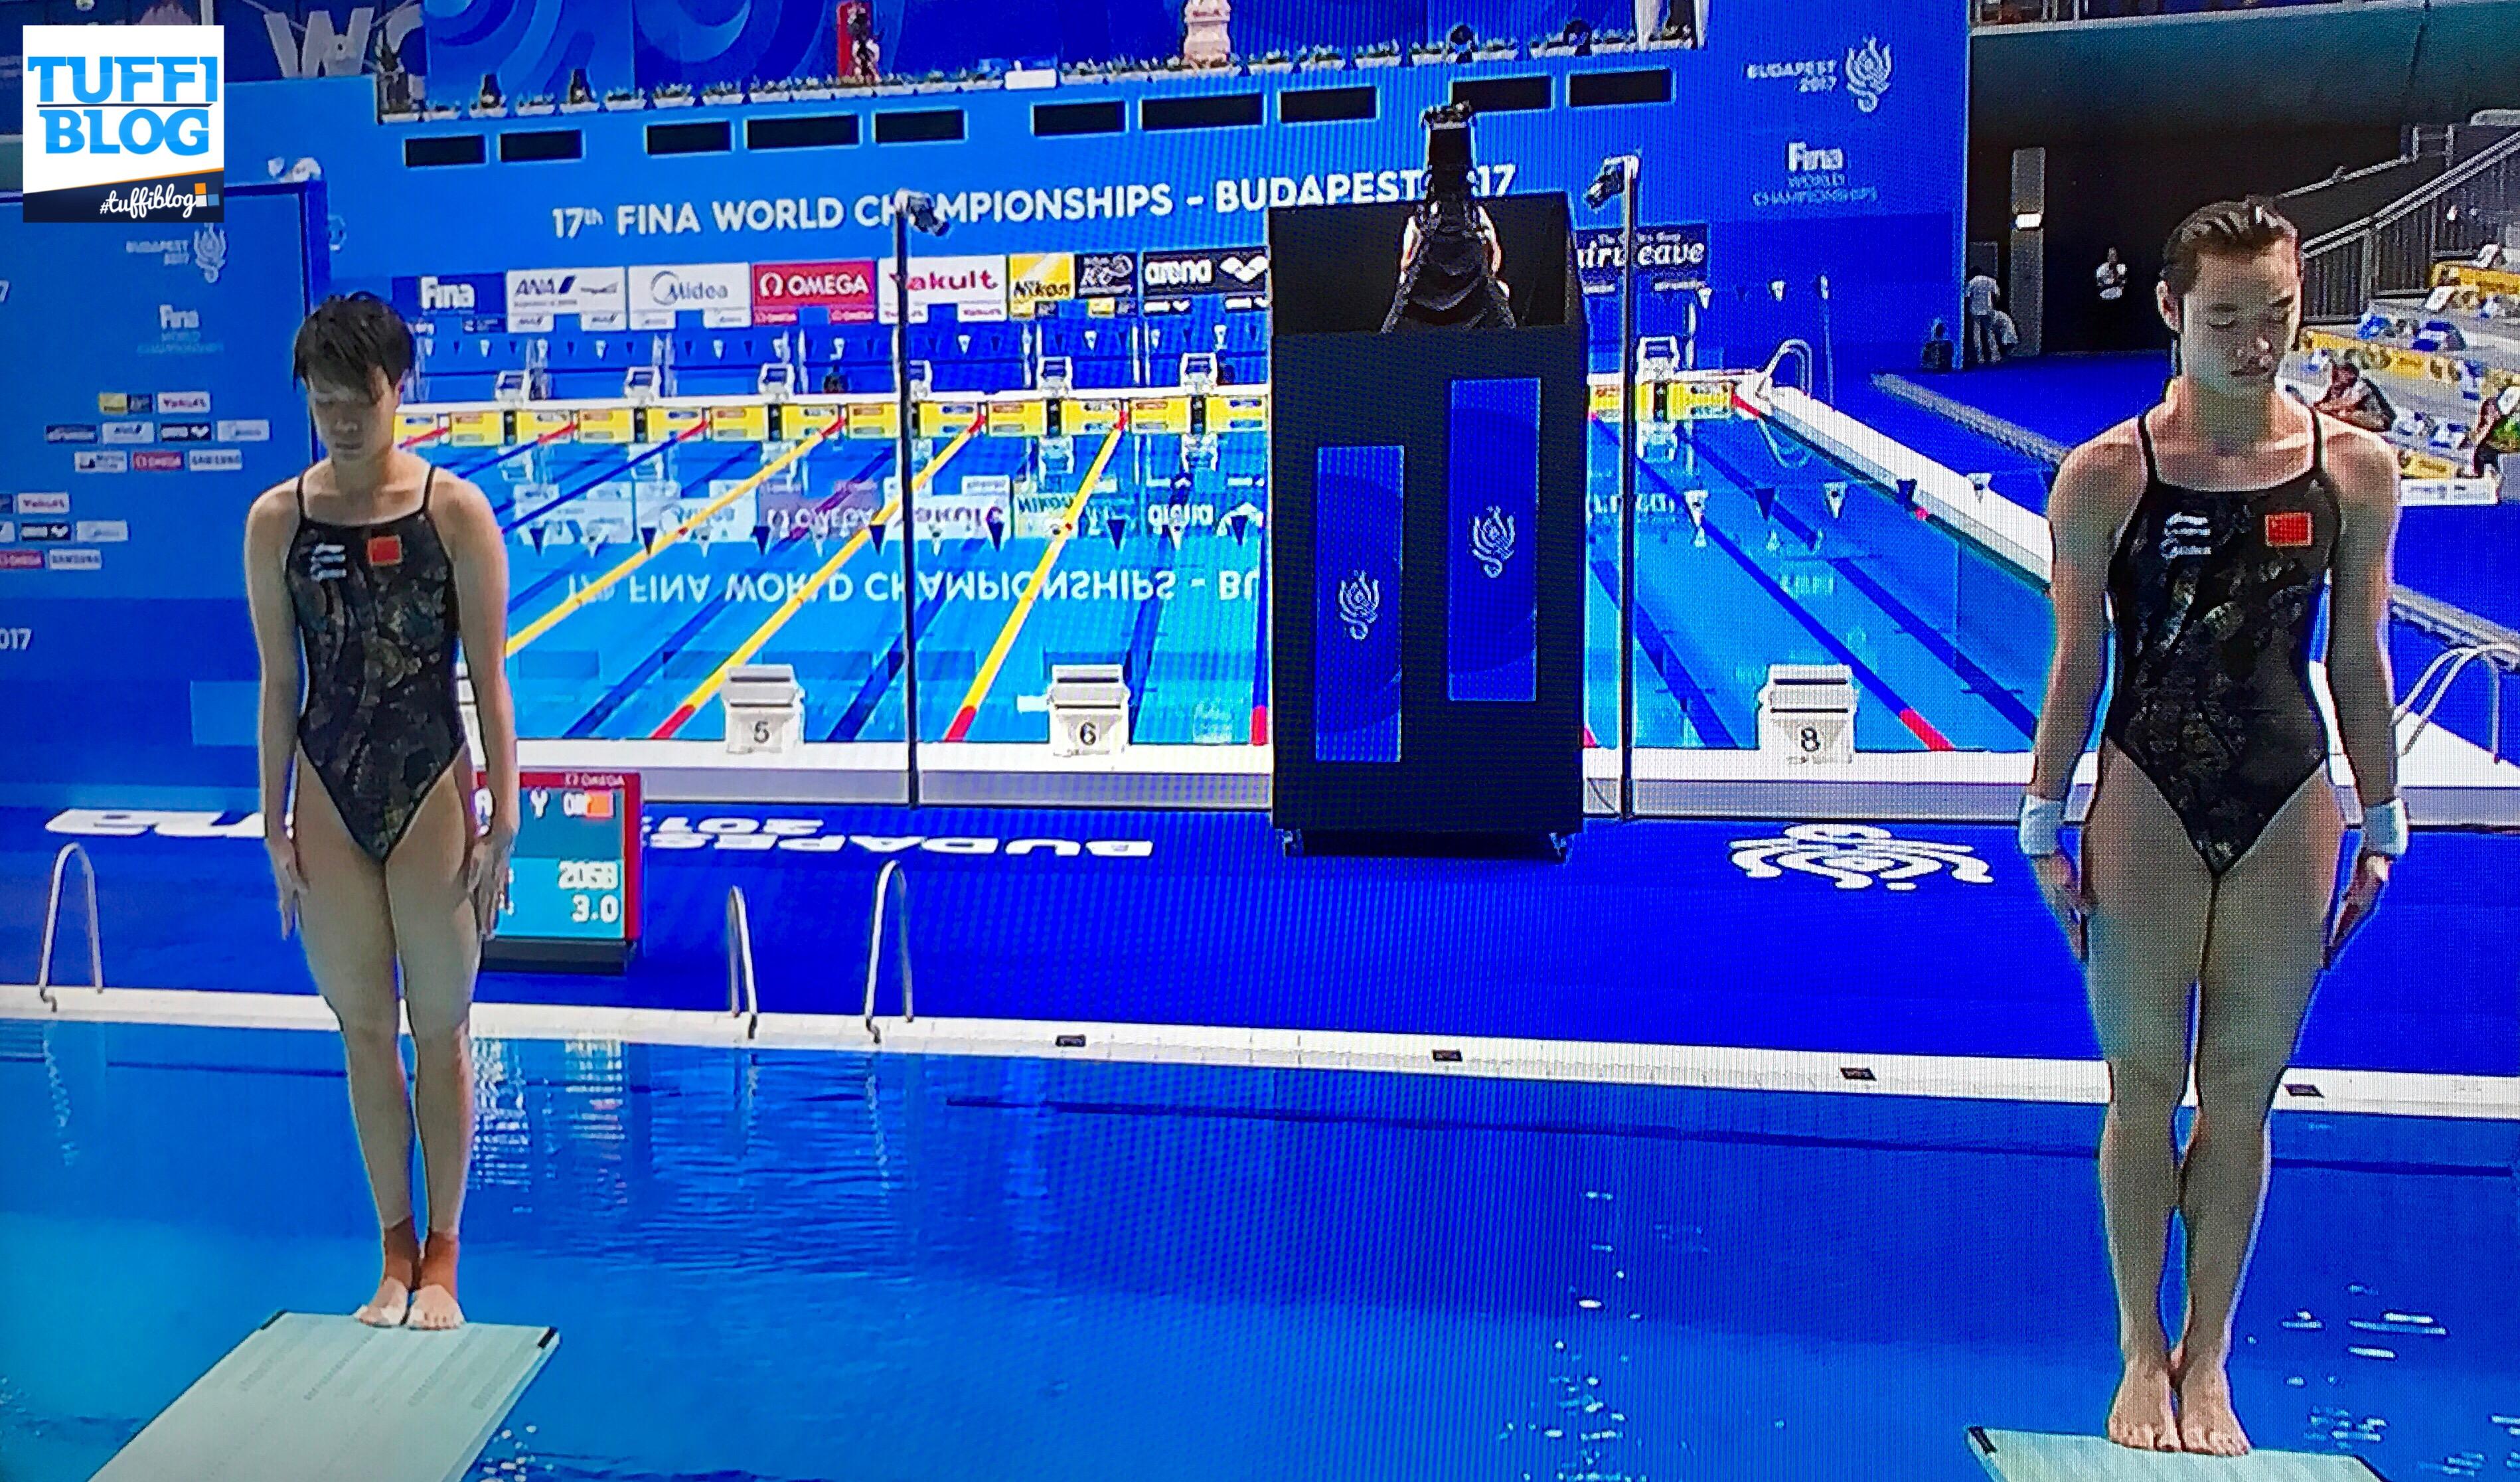 Campionati Mondiali: Budapest - il primo sincro senza Tania e Francesca.